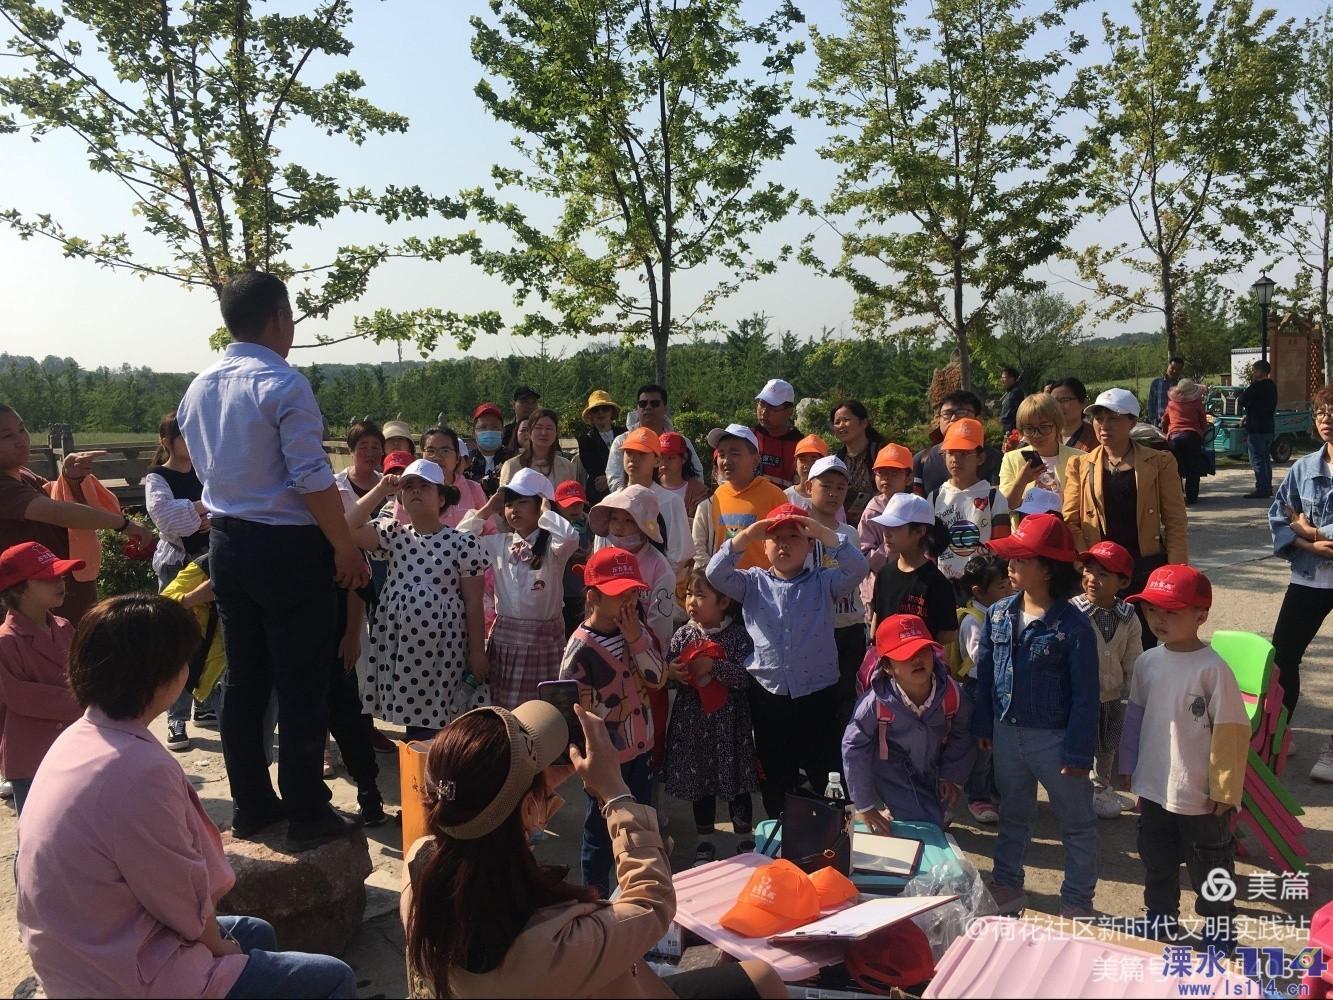 【荷花社区】童心向阳 约绘春天暨春季户外写生实践活动